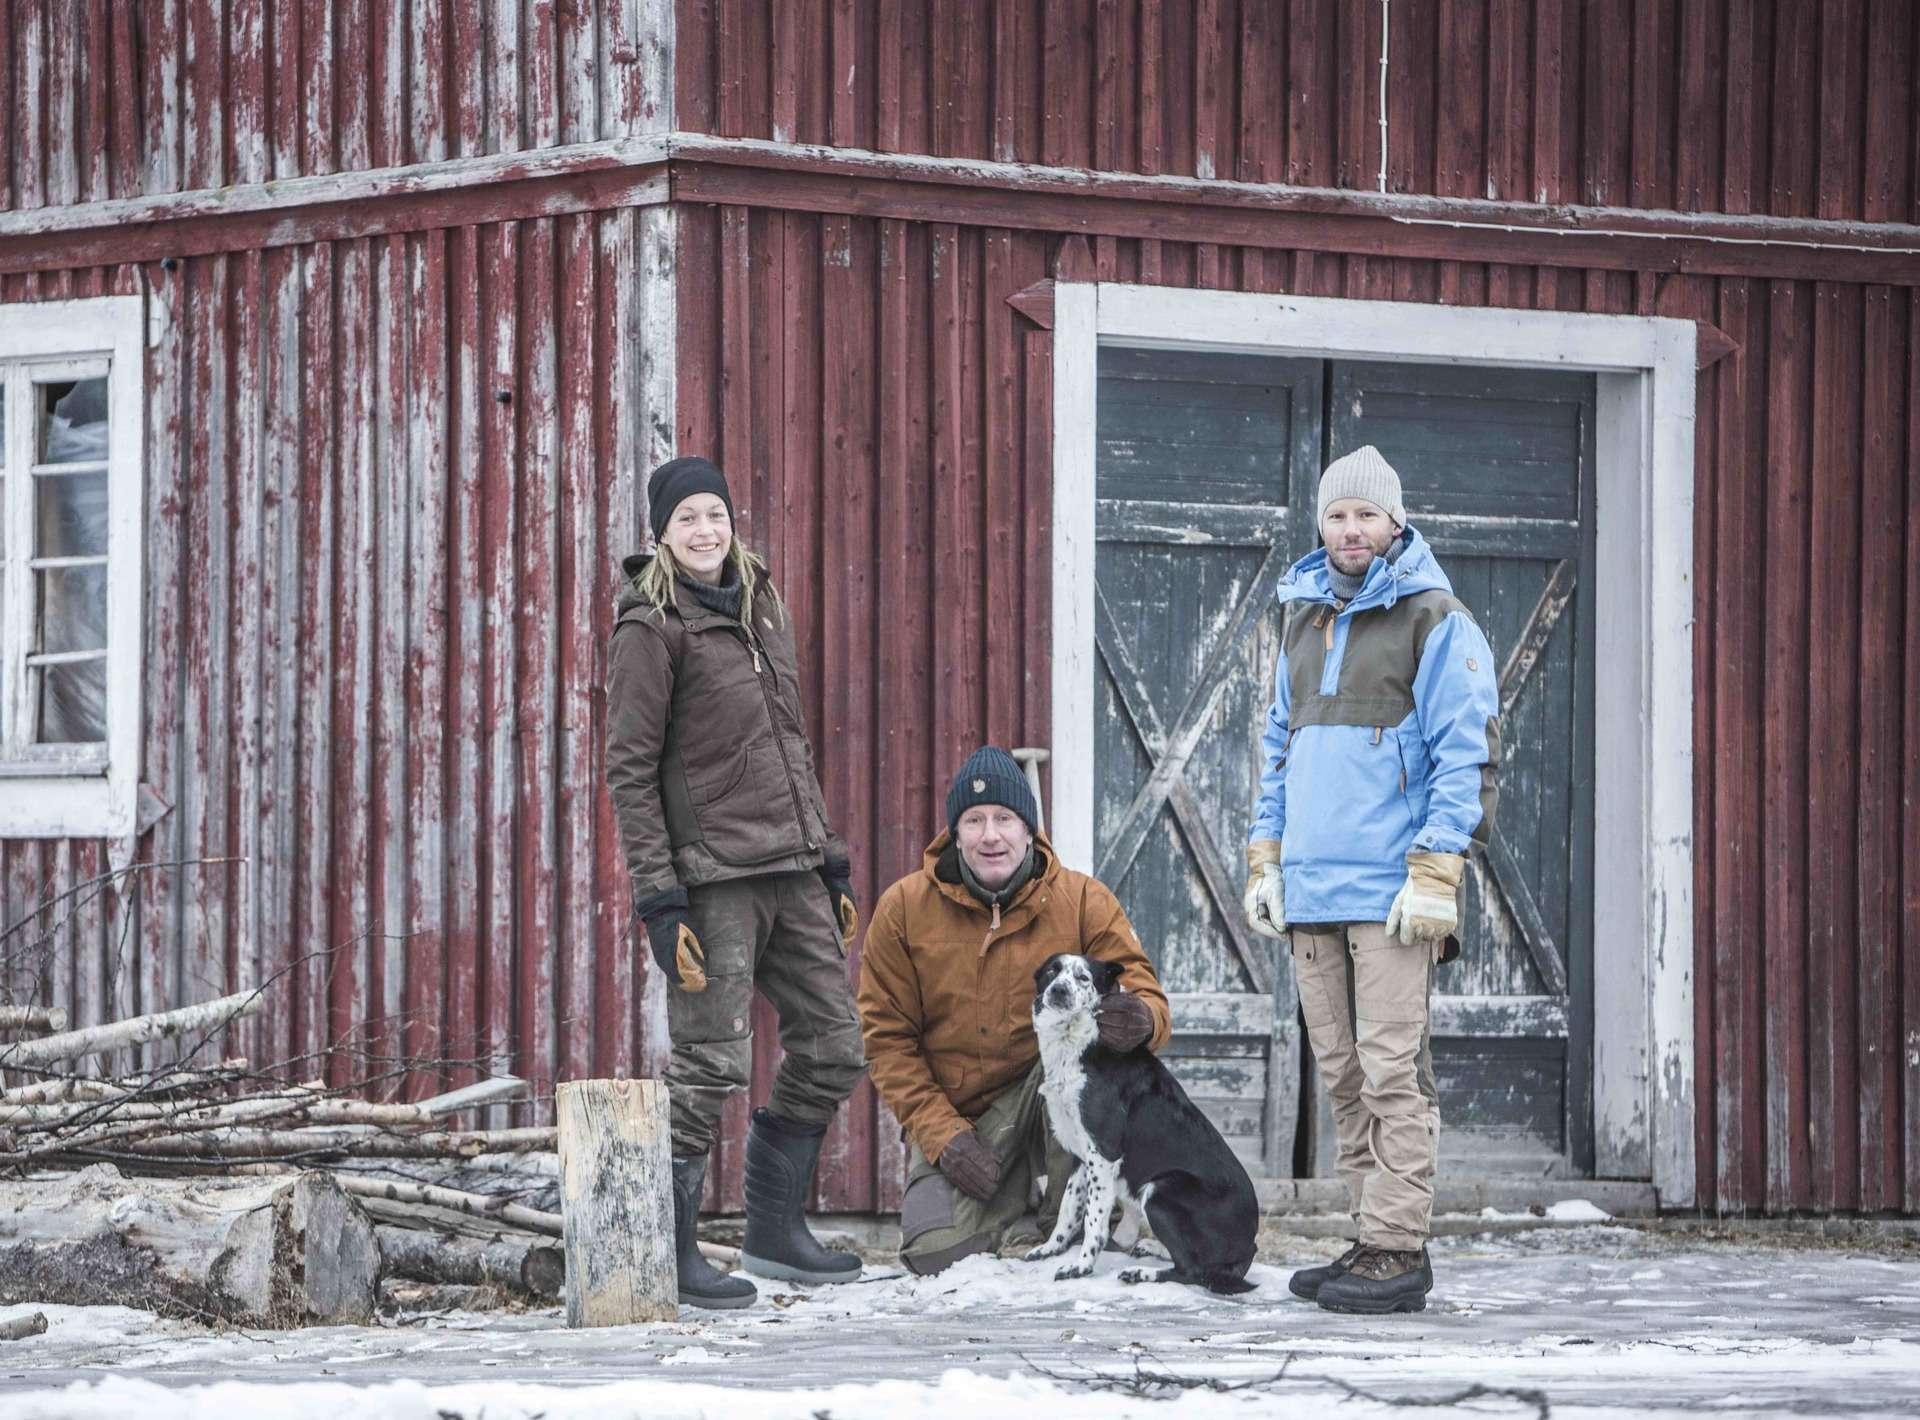 Natasha & Mats Skott from Brattlandsgården with Fjällräven CEO Martin Axelhed.